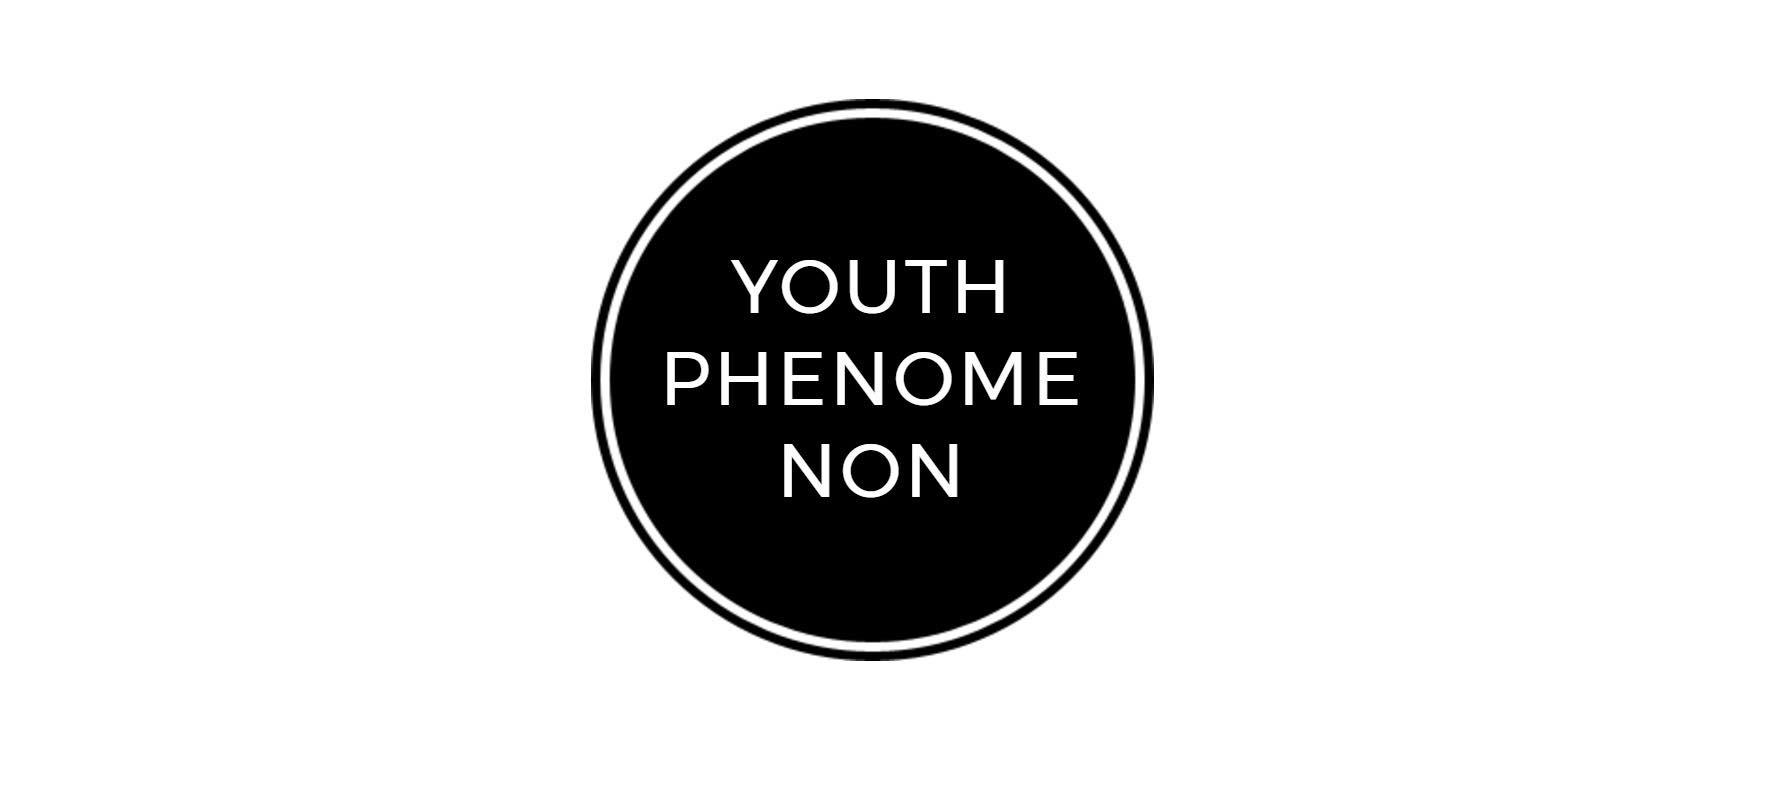 youthphenomenon